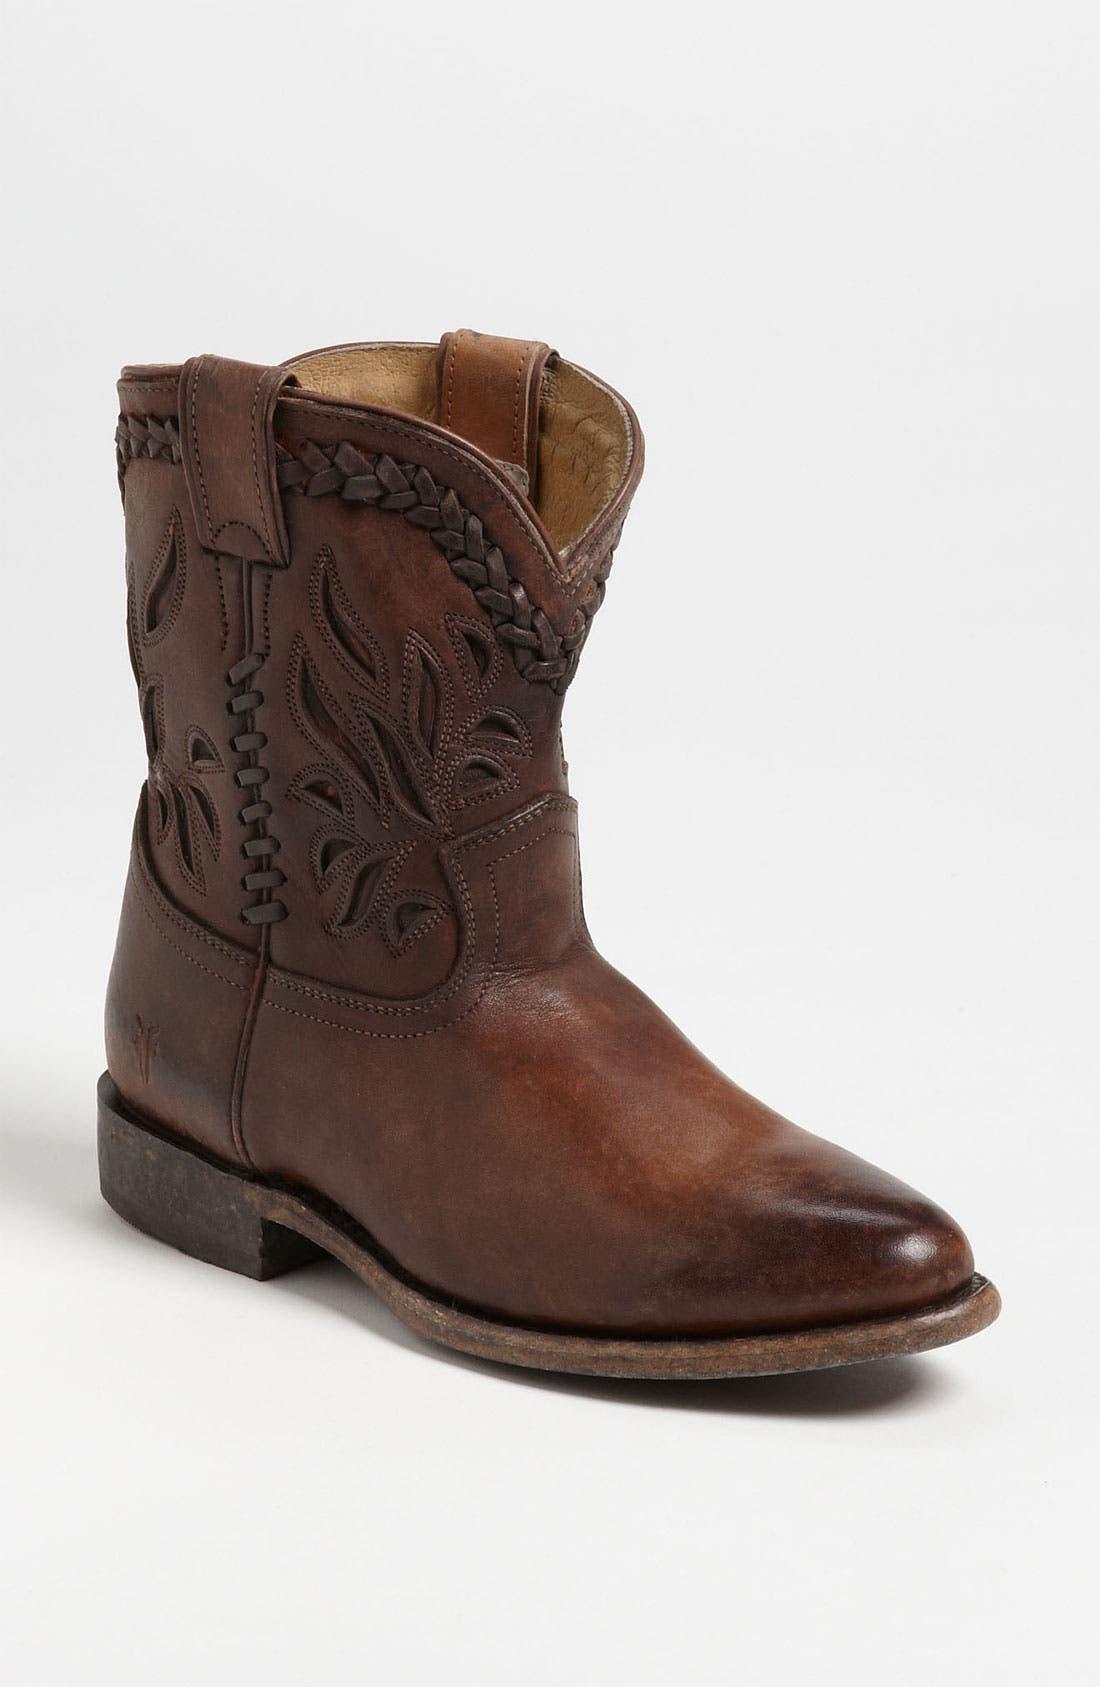 Main Image - Frye 'Wyatt Overlay' Short Boot